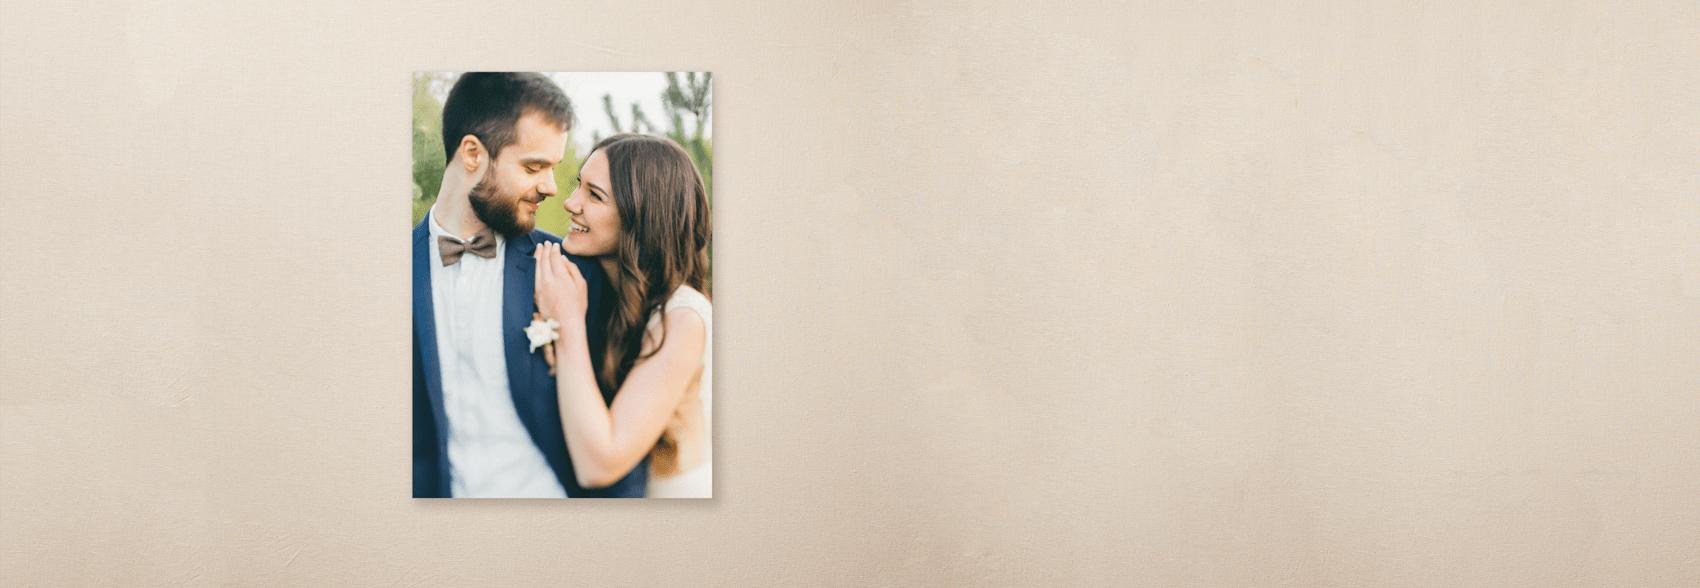 láminas en cartón pluma con foto